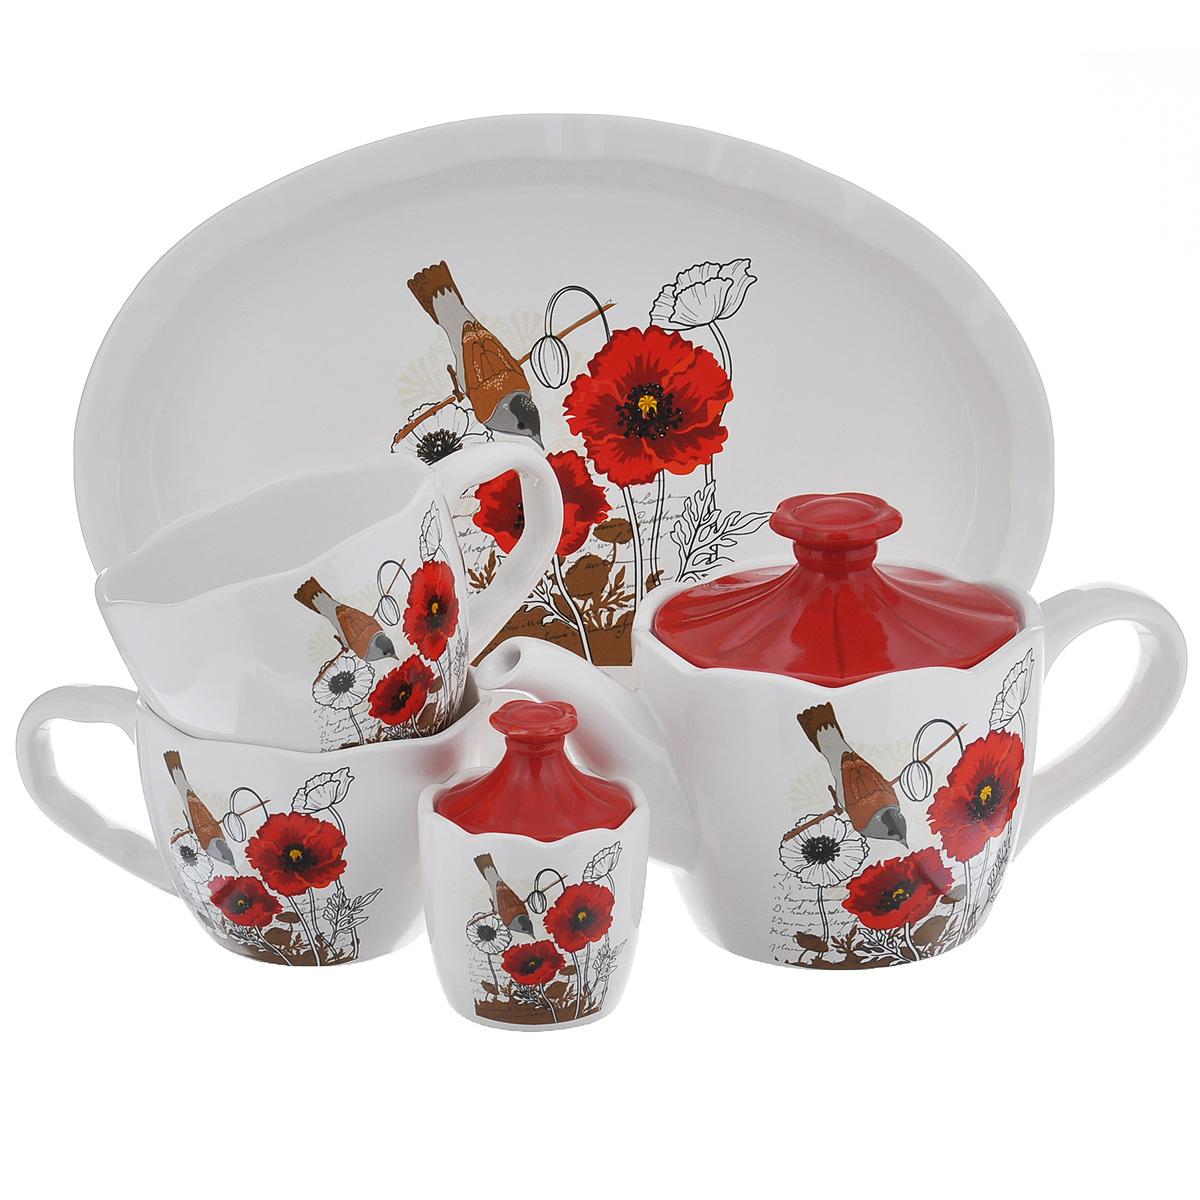 Набор чайный Маки, 5 предметовVT-1520(SR)Набор чайный Маки состоит из двух чашек, заварочного чайника, сахарницы и подноса. Набор выполнен из доломитовой керамики и декорирован изображением цветов. Оригинальный дизайн, эстетичность и функциональность набора позволят ему стать достойным дополнением к кухонному инвентарю.Можно мыть в посудомоечной машине на минимальной температуре.